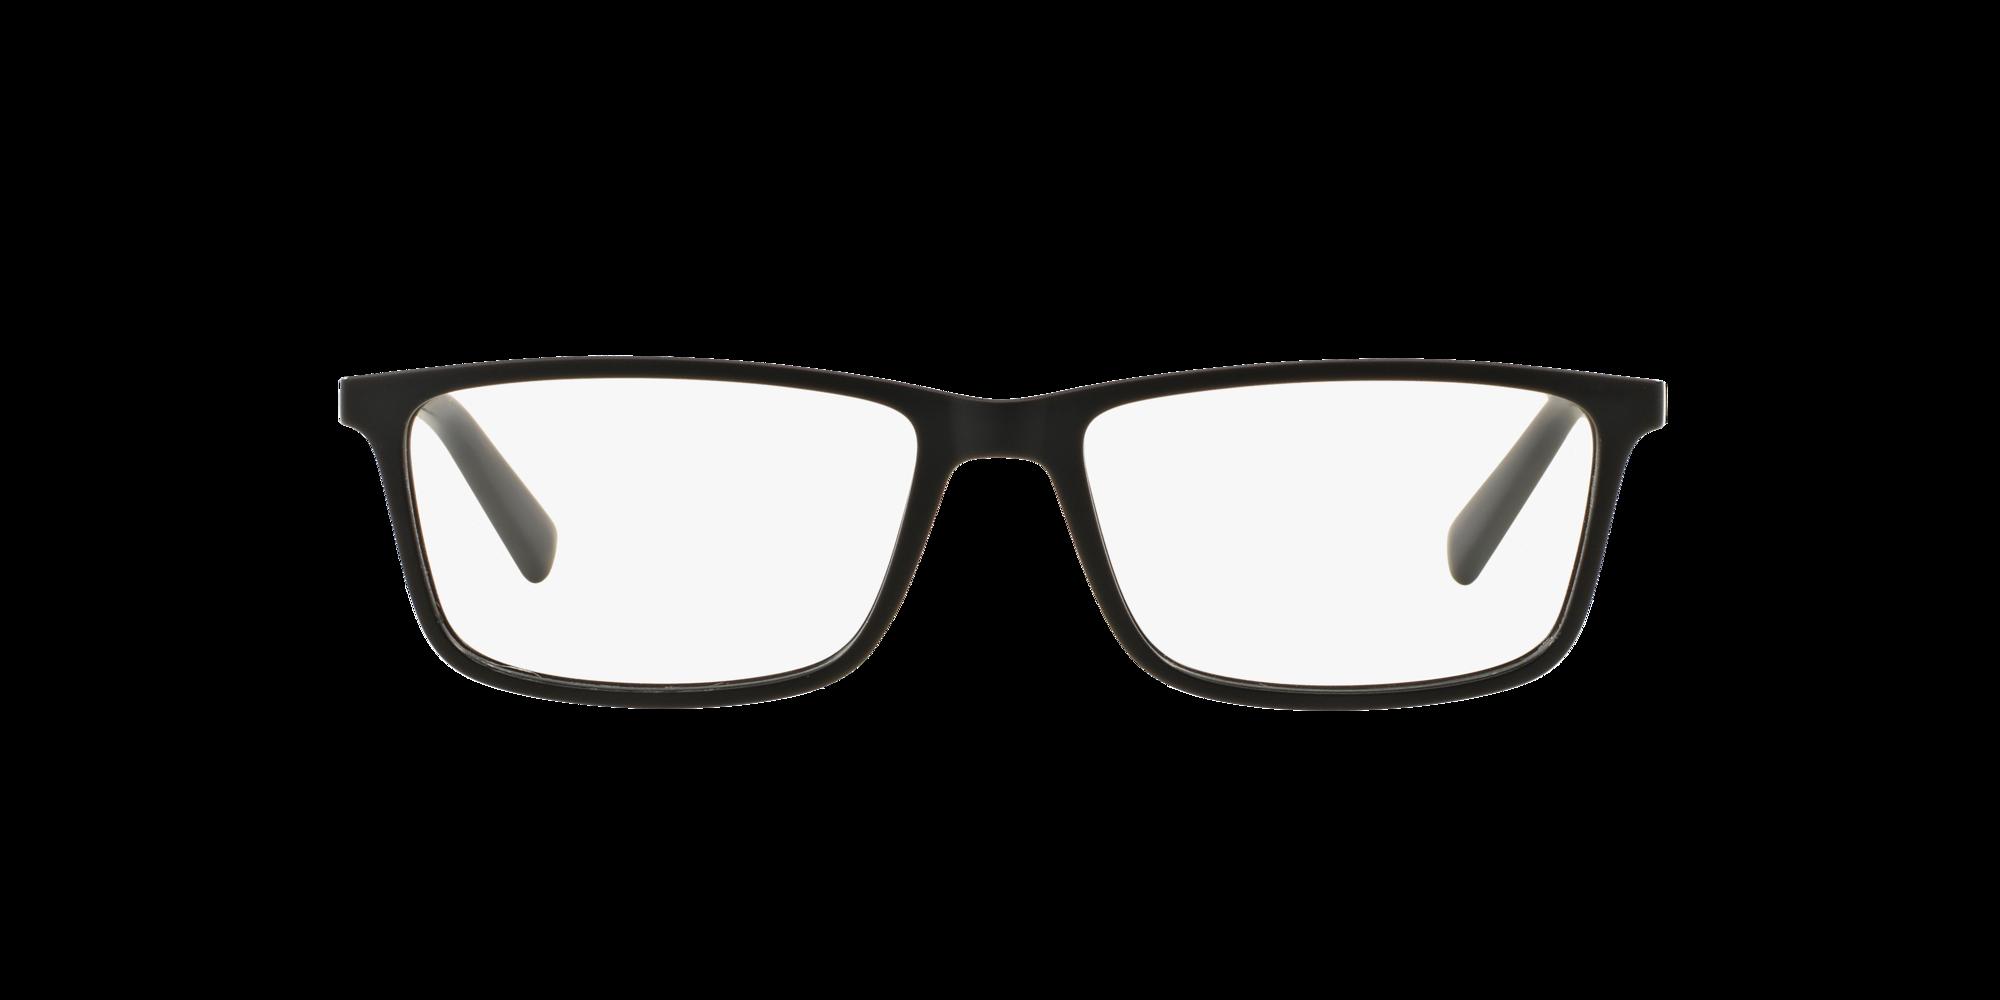 Imagen para AX3027 de LensCrafters |  Espejuelos, espejuelos graduados en línea, gafas